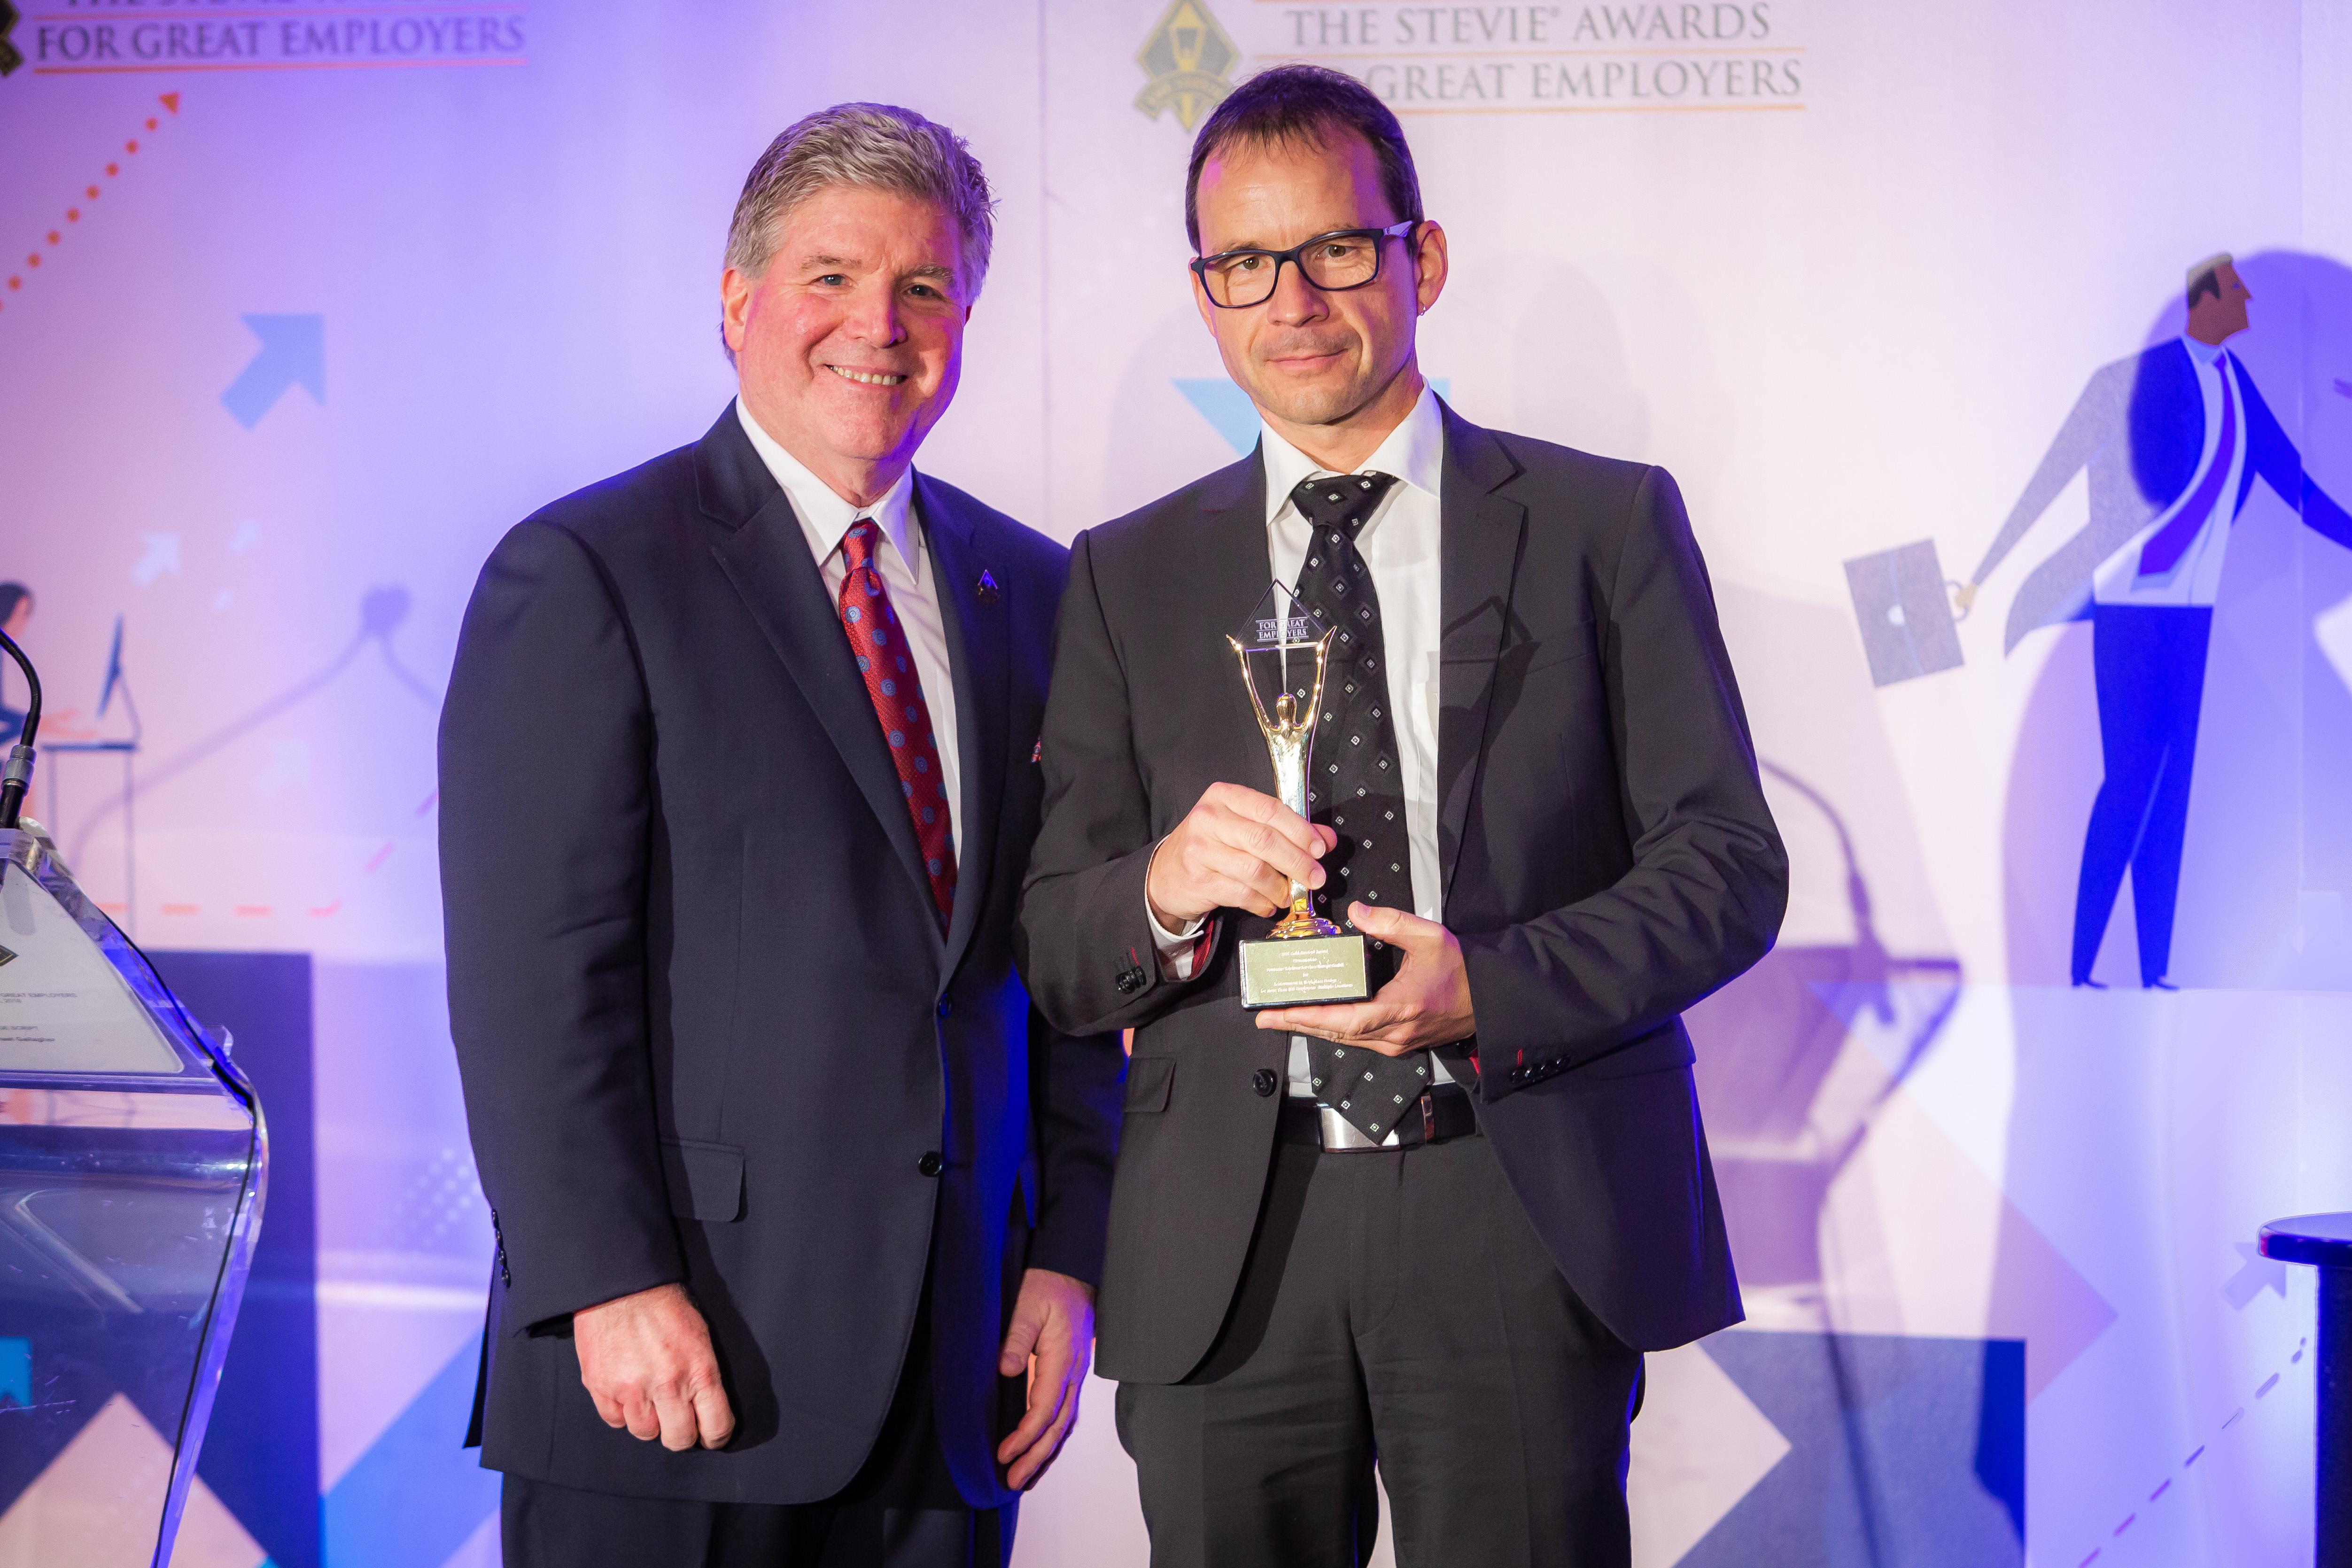 Deutsche Telekom Services Europe: Preisträger der Stevie Awards of Great Employers